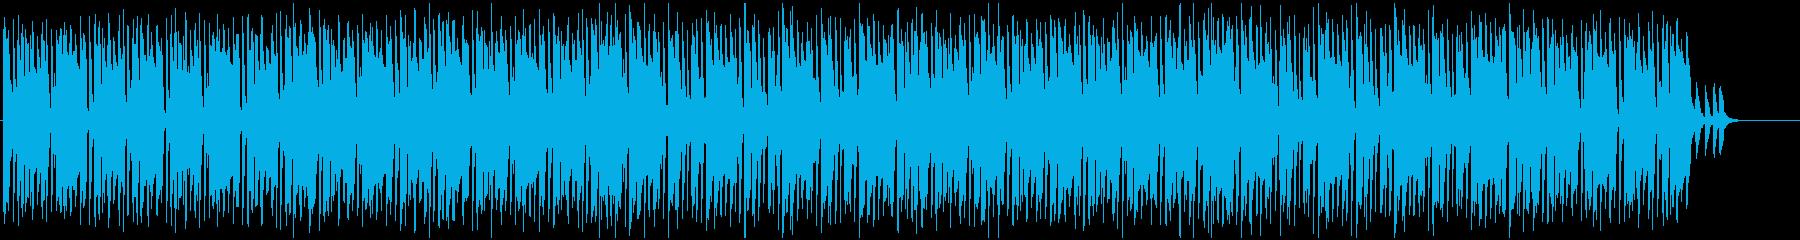 お洒落でリッチな雰囲気あるメロディーの再生済みの波形